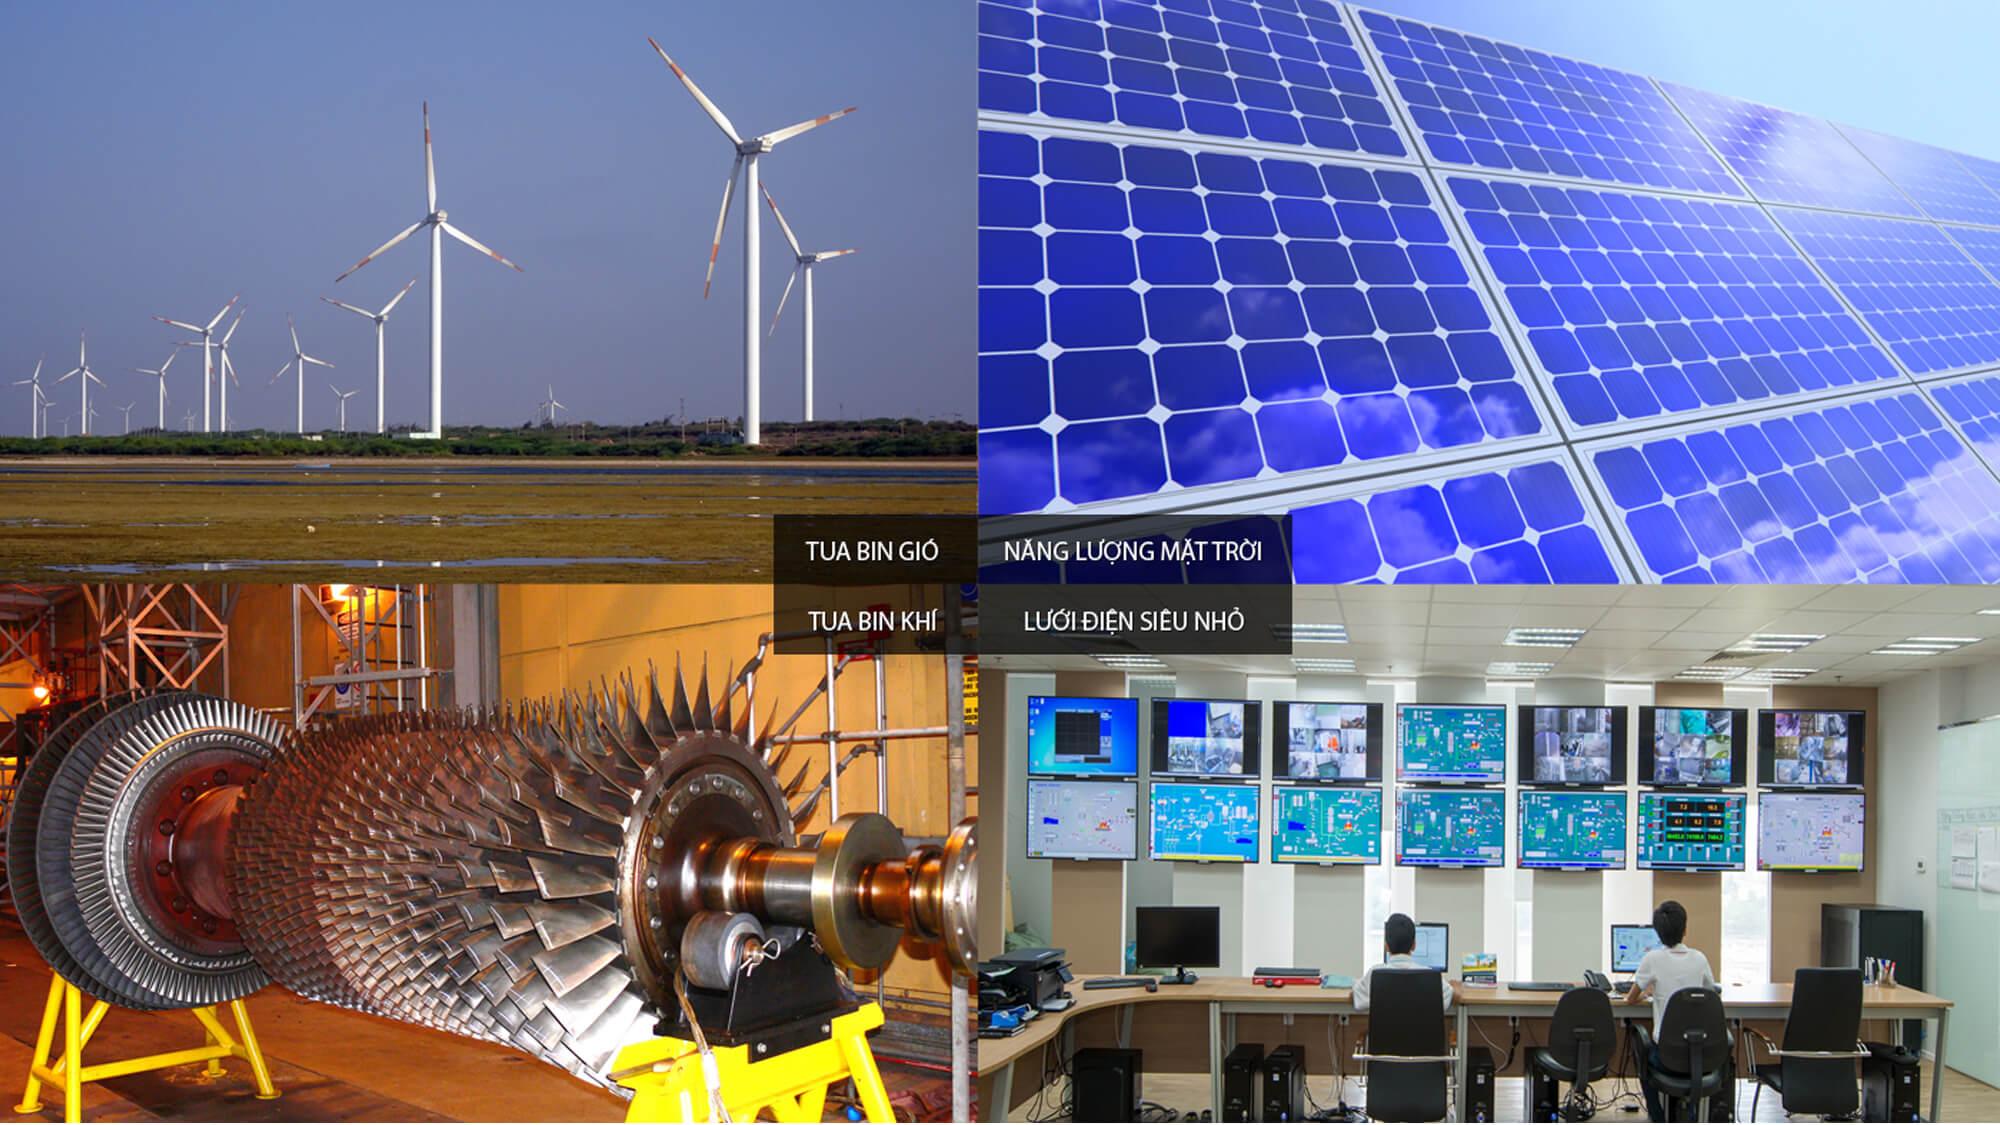 Giải pháp năng lượng phù hợp